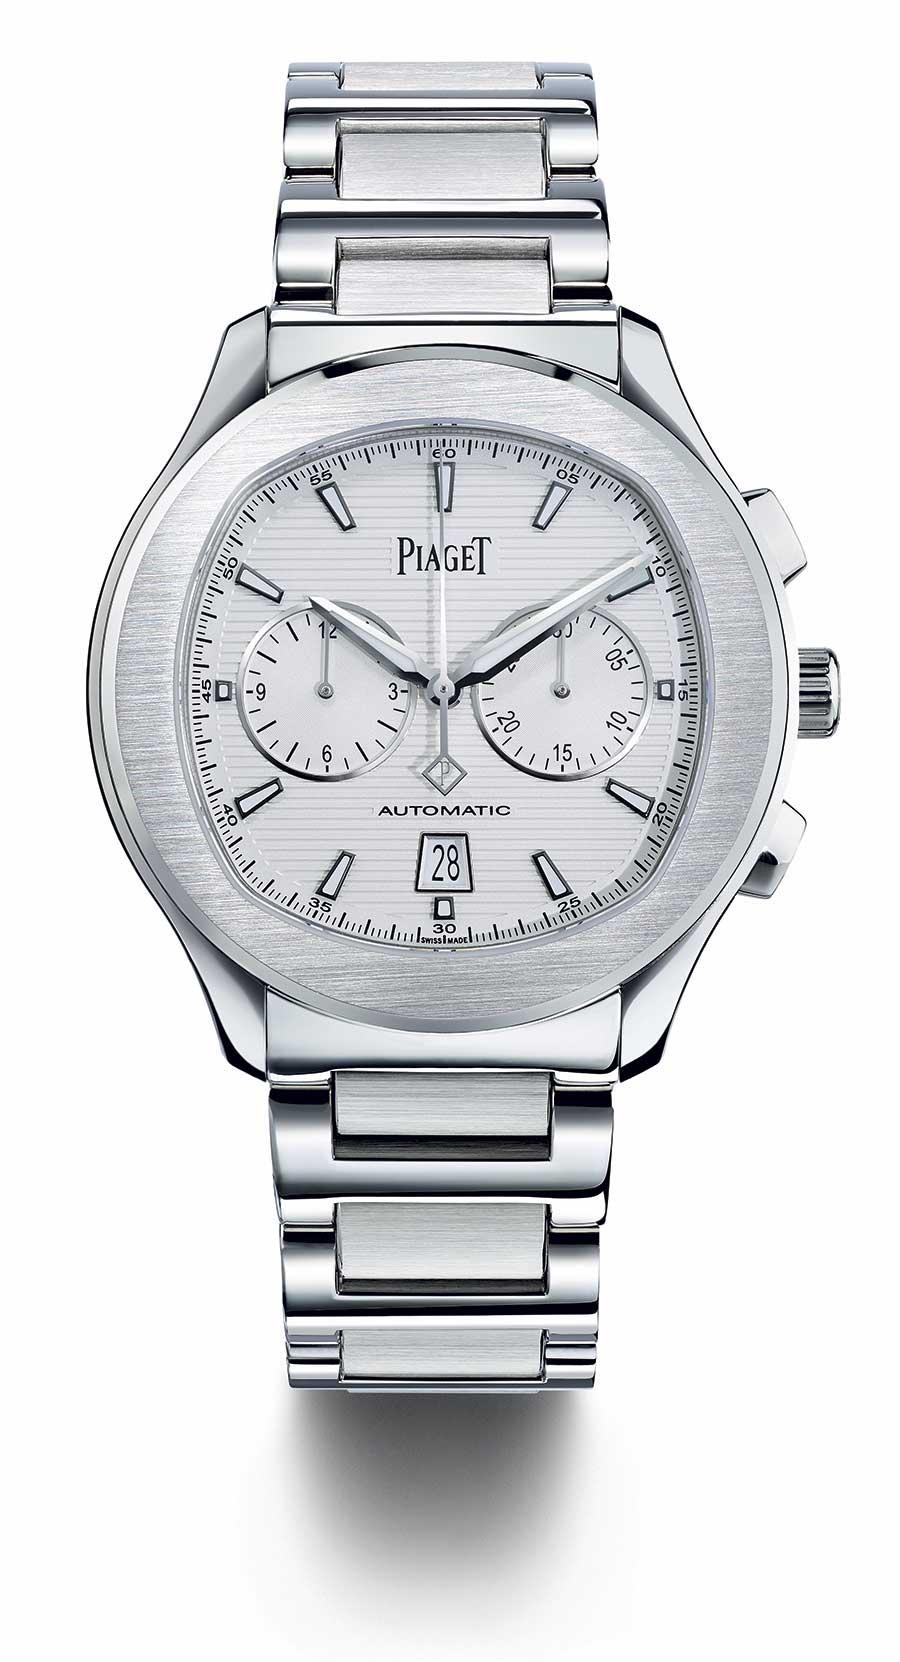 Piaget Polo S cronografo quadrante argentè